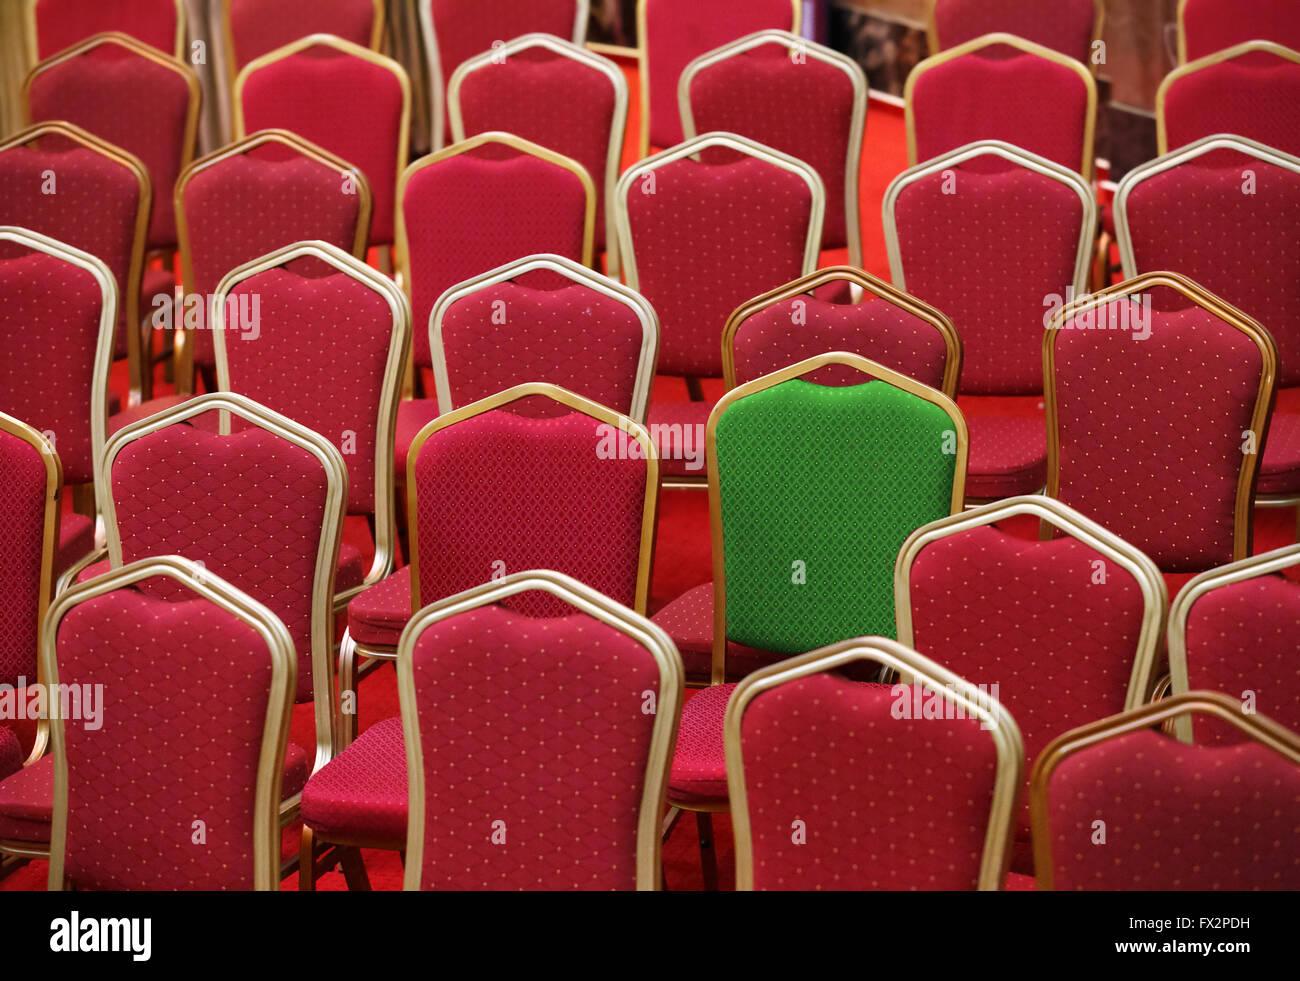 La diversità, diversi o concetto unico - sedia verde in un gruppo di quelli rossi Immagini Stock